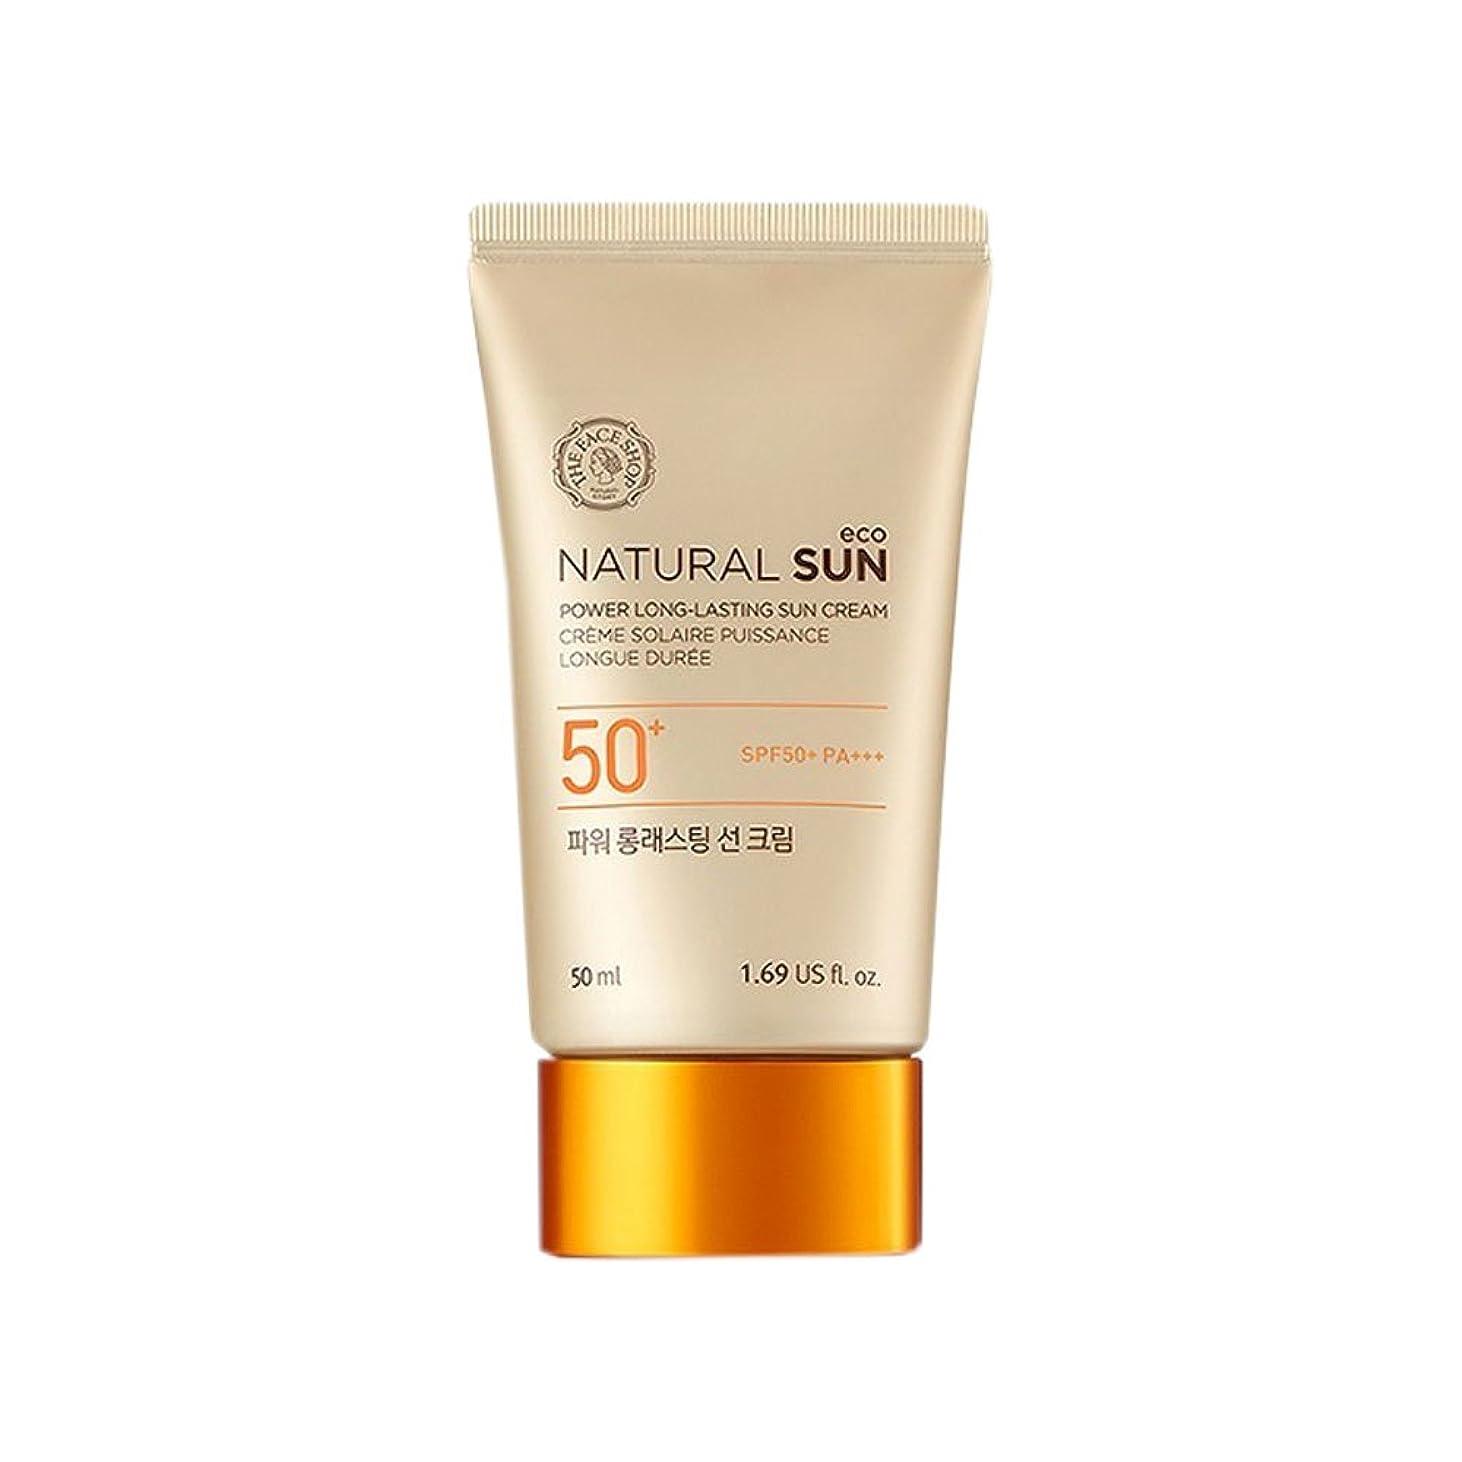 鉄電球受け入れ[ザ?フェイスショップ] The Face Shop ナチュラルサン エコ パワー ロングラスティング サン クリーム SPF50+PA+++50ml The Face Shop Natural Sun Eco Power Long-Lasting Sun SPF50+PA+++50ml [海外直送品]